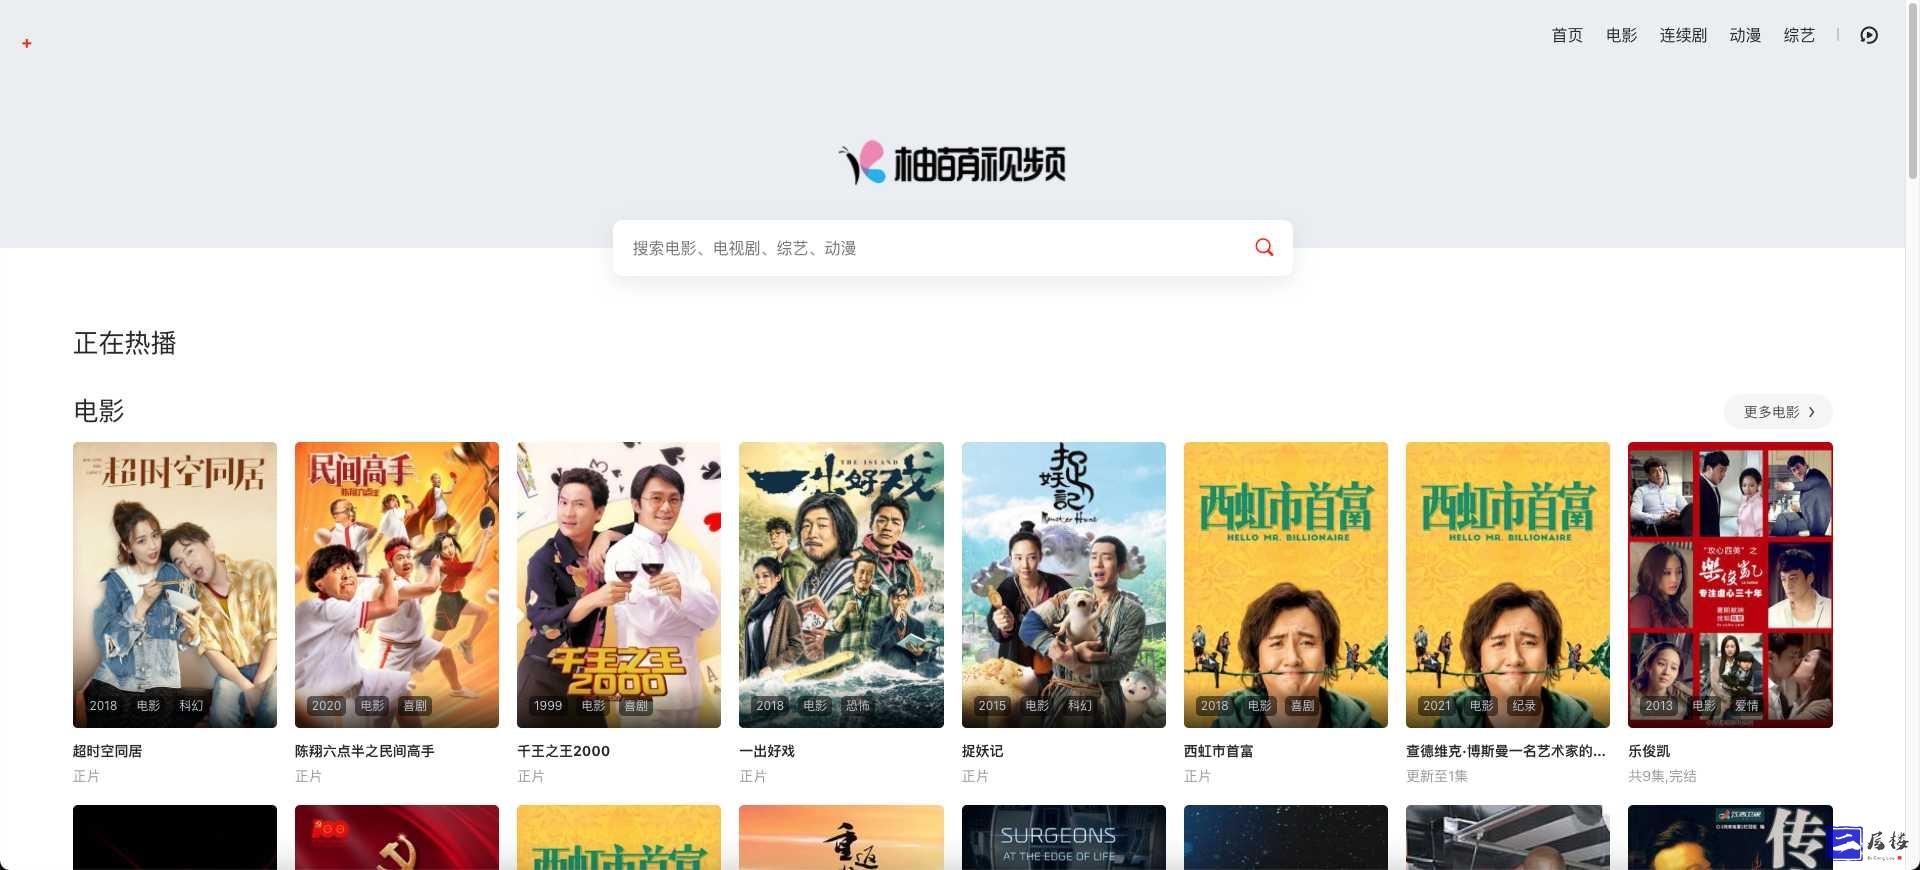 苹果cms主题最新电影先生v1.0.2全屏影视主题自带后台插图